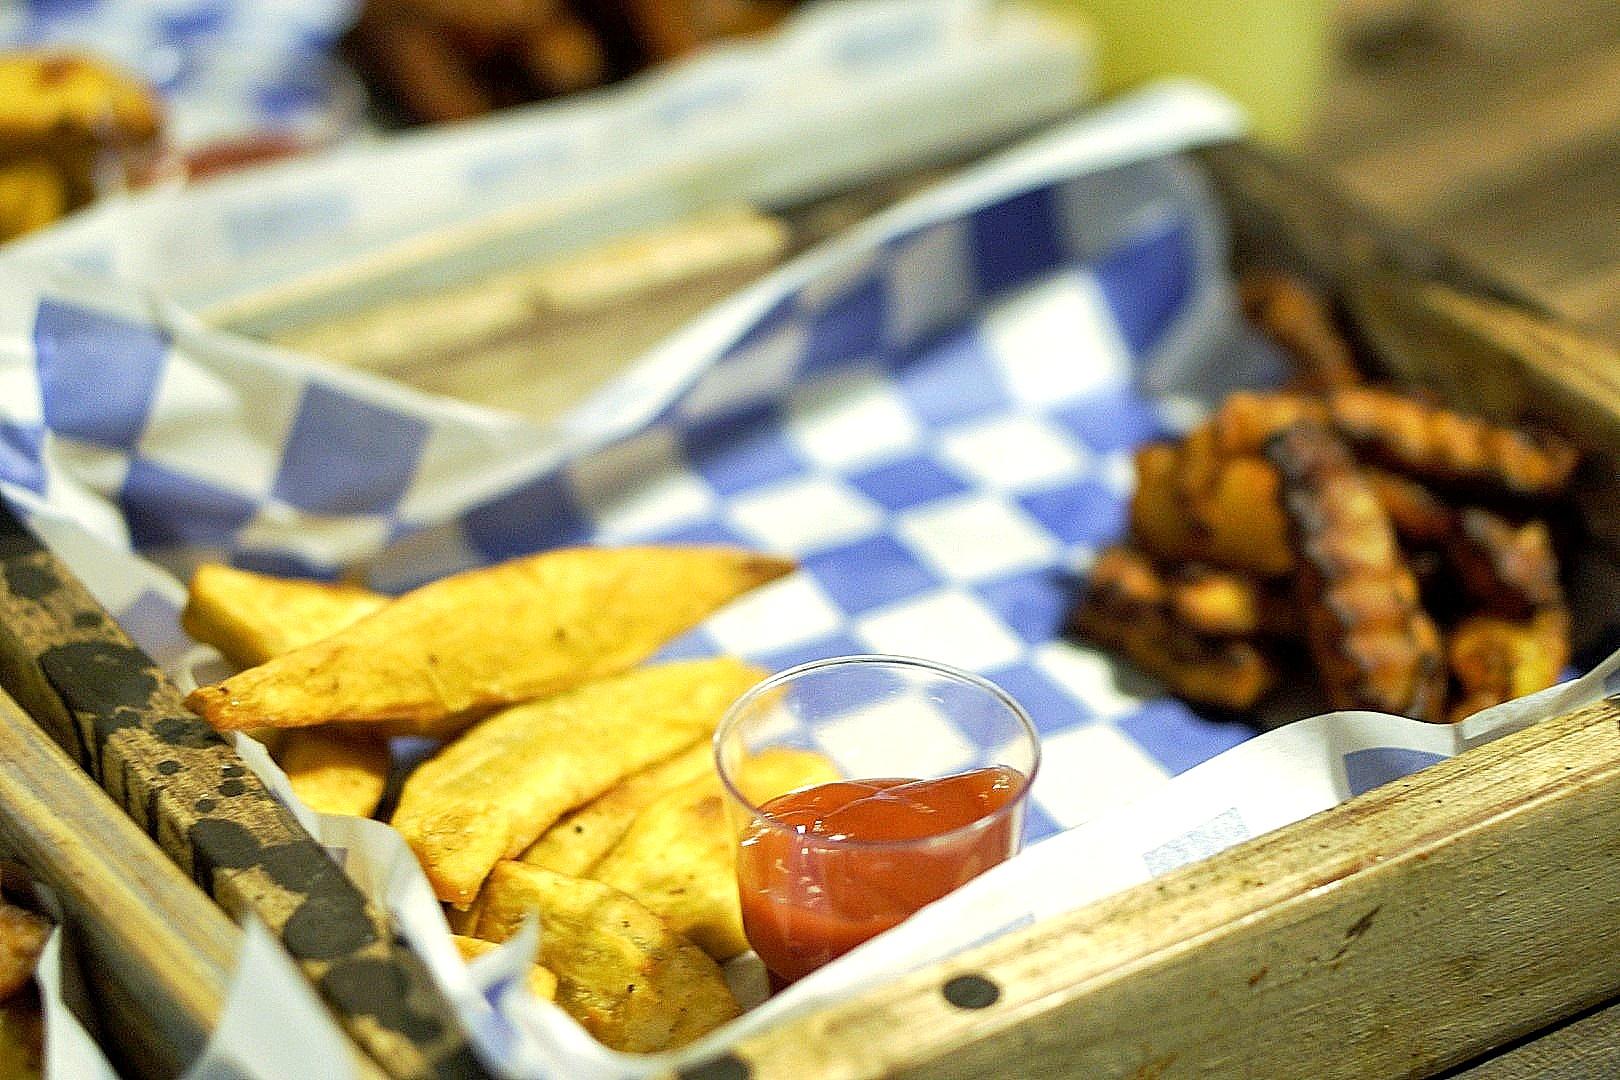 fries and plantain at food shack Lagos